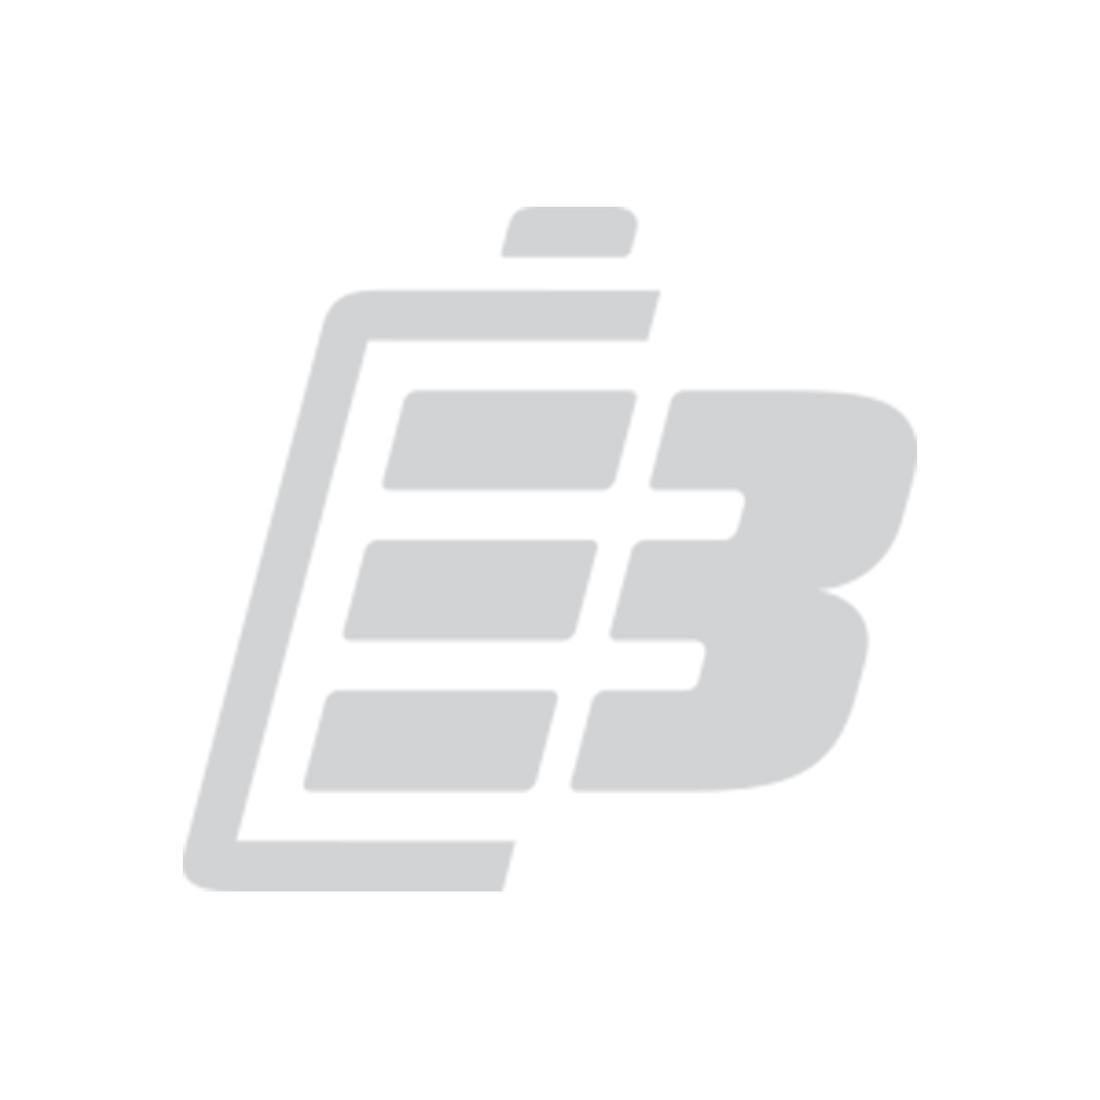 Μπαταρια Μολυβδου Multipower 12V 2,2Ah